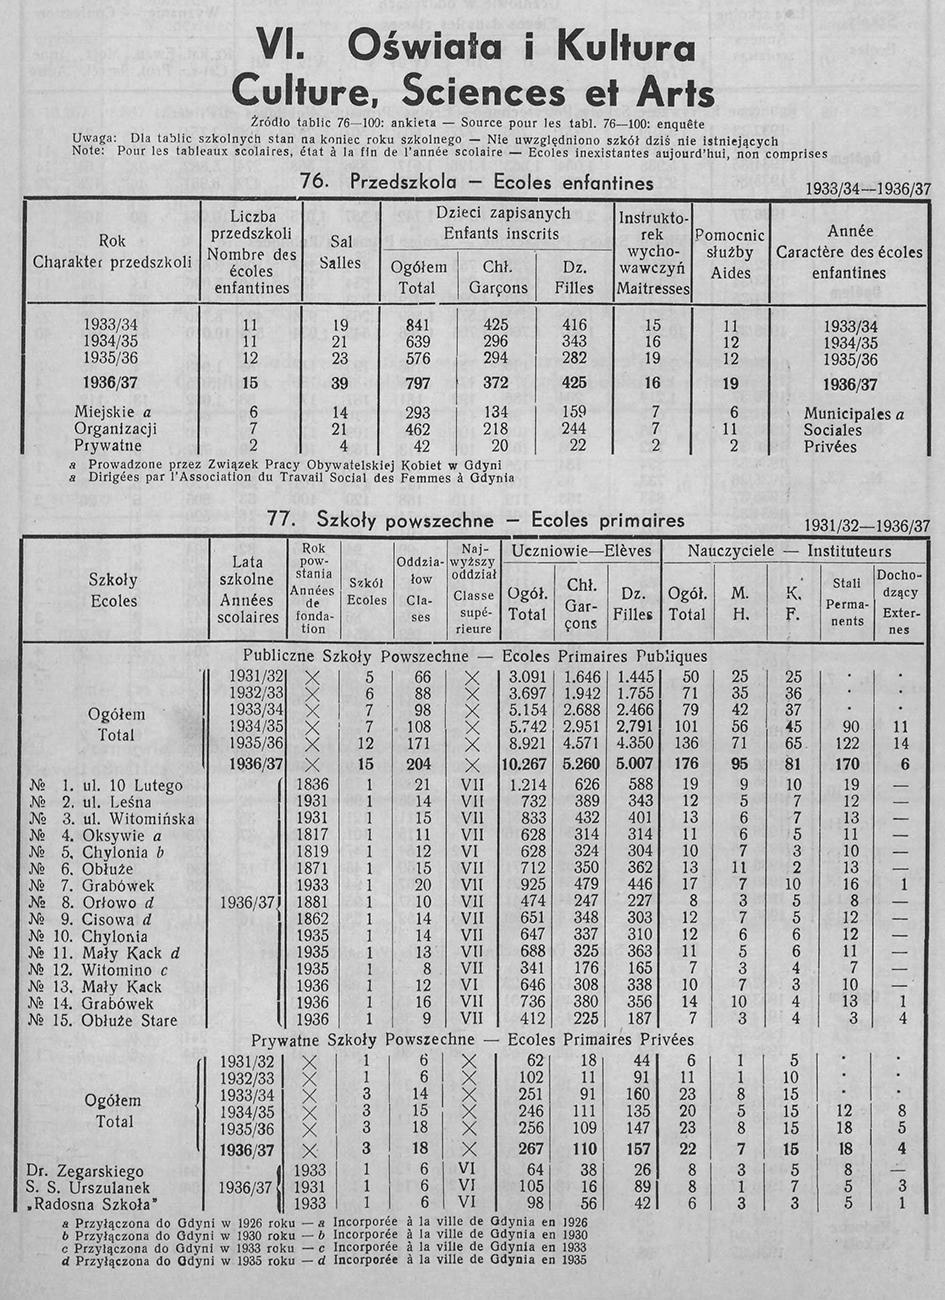 OŚWIATA I KULTURA, [W:] ROCZNIK STATYSTYCZNY GDYNI, REDAKCJA BOLESŁAW POLKOWSKI KIEROWNIK BIURA STATYSTYCZNEGO, GDYNIA 1937